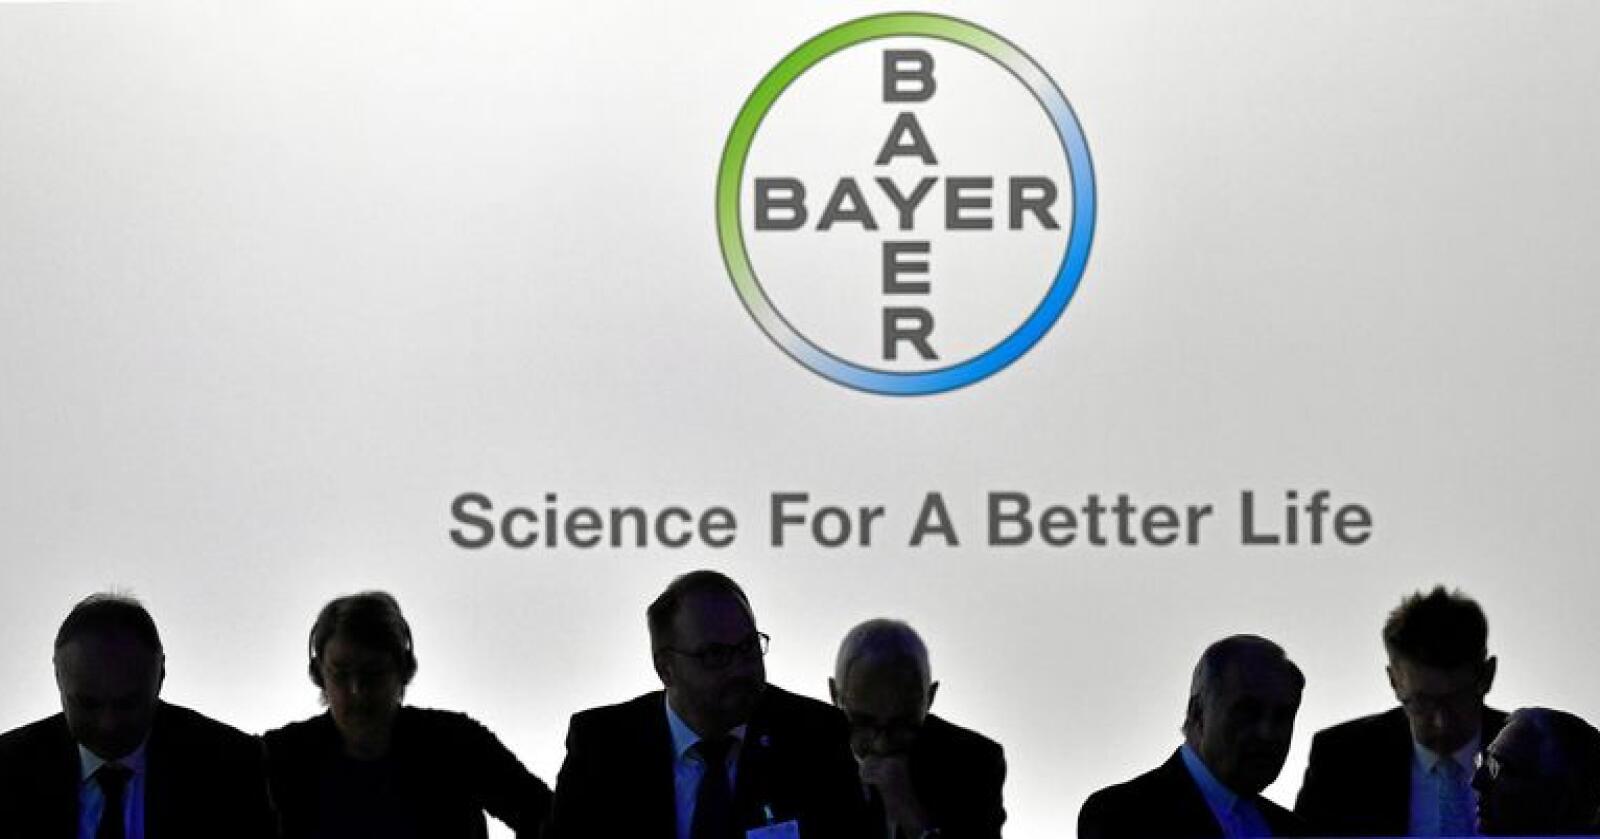 Det tyske selskapet Bayer eig Monsanto. Dei vurderer no om dommen skal ankast. Foto: Mostphotos